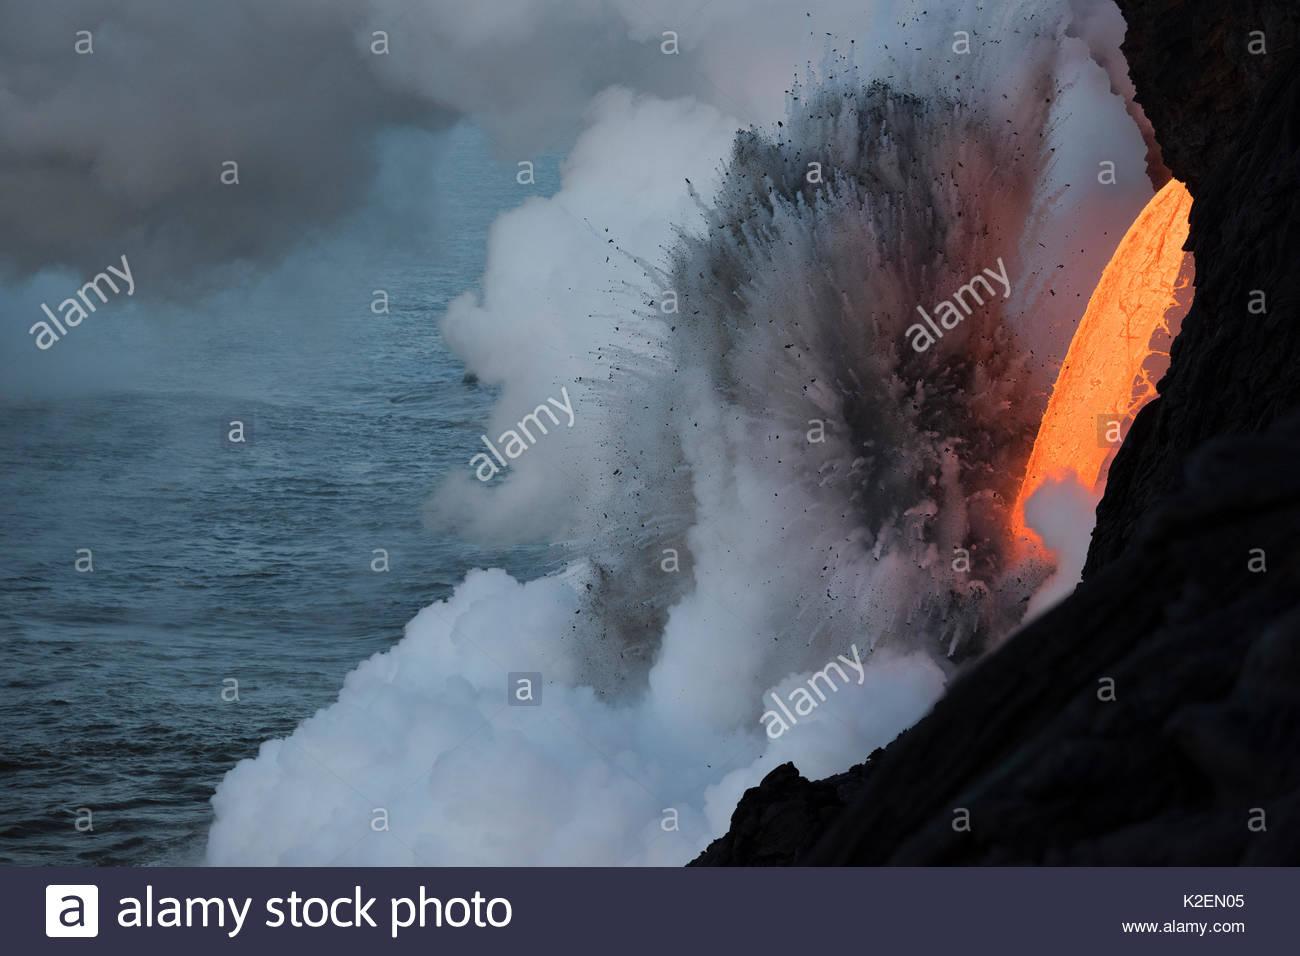 Hot Lava dal 61G flusso dal vulcano Kilauea inserendo l'oceano dalla estremità aperta di un tubo di lava al Kamokuna entrata nel Parco Nazionale dei Vulcani delle Hawaii, producendo una grande nuvola di vapore e violente esplosioni che lanciano calde pietre pomice in alto l'aria, Kalapana, Puna, Hawaii. Gennaio 2017. Immagini Stock